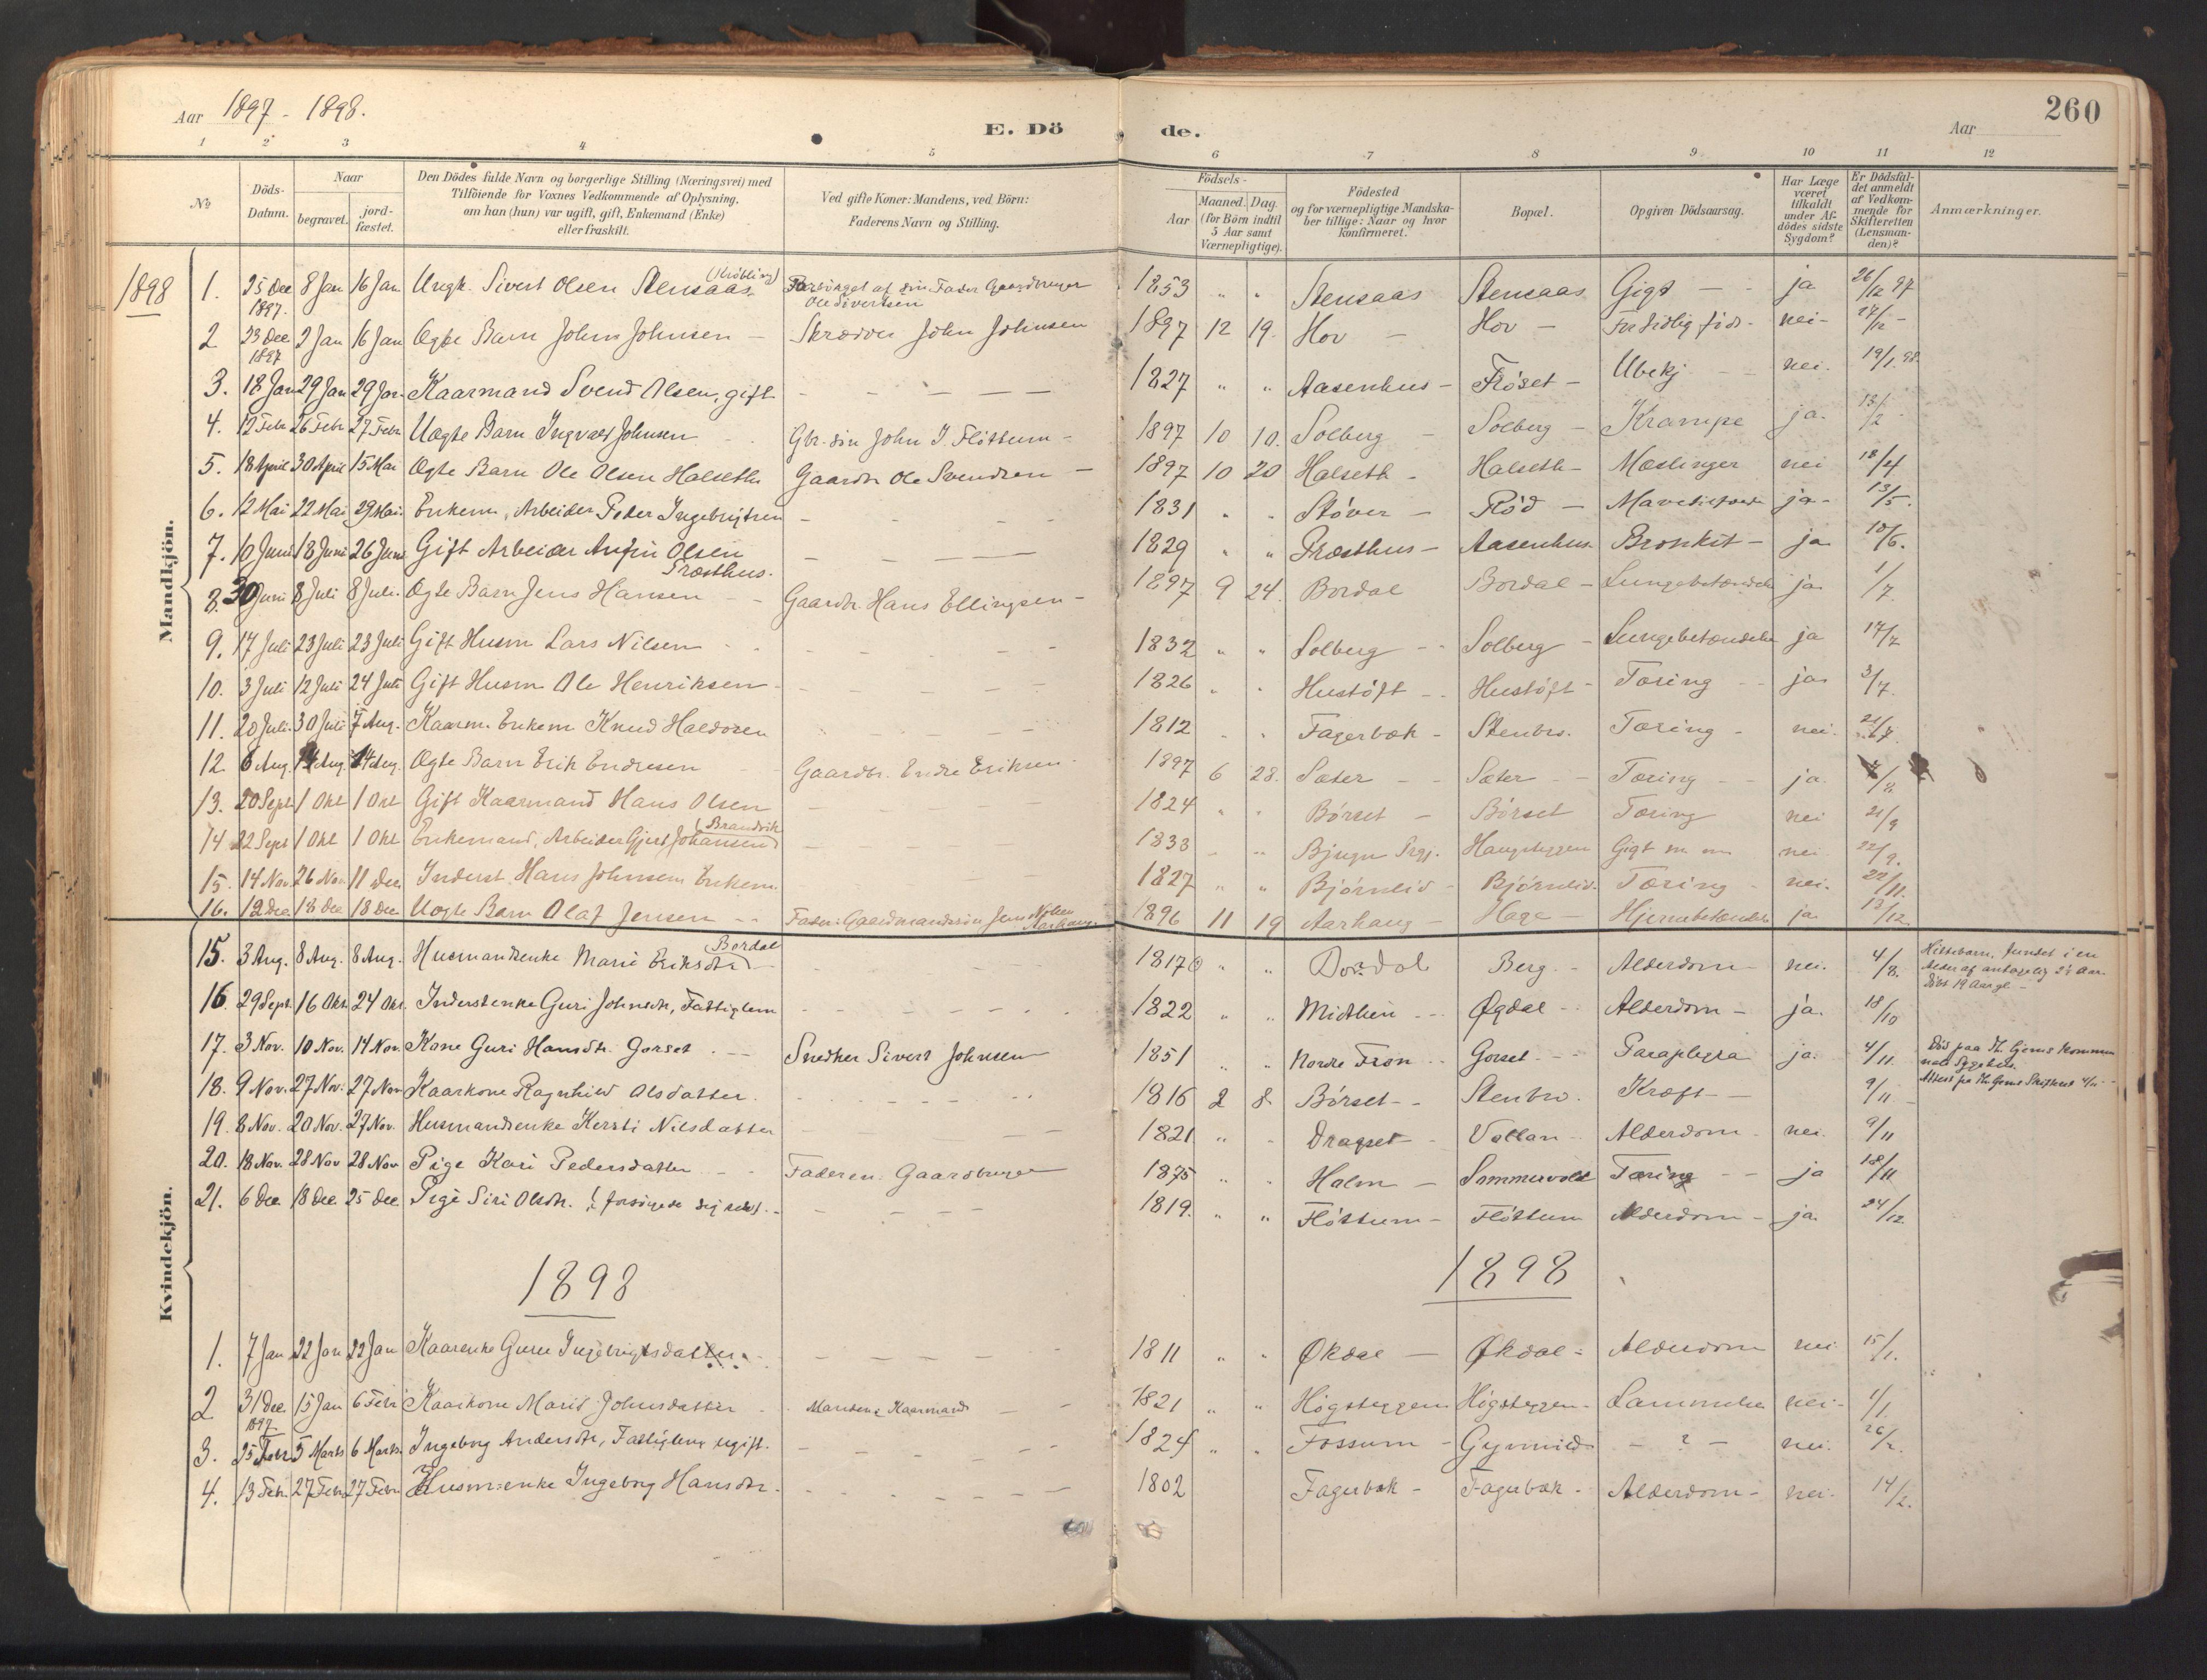 SAT, Ministerialprotokoller, klokkerbøker og fødselsregistre - Sør-Trøndelag, 689/L1041: Ministerialbok nr. 689A06, 1891-1923, s. 260